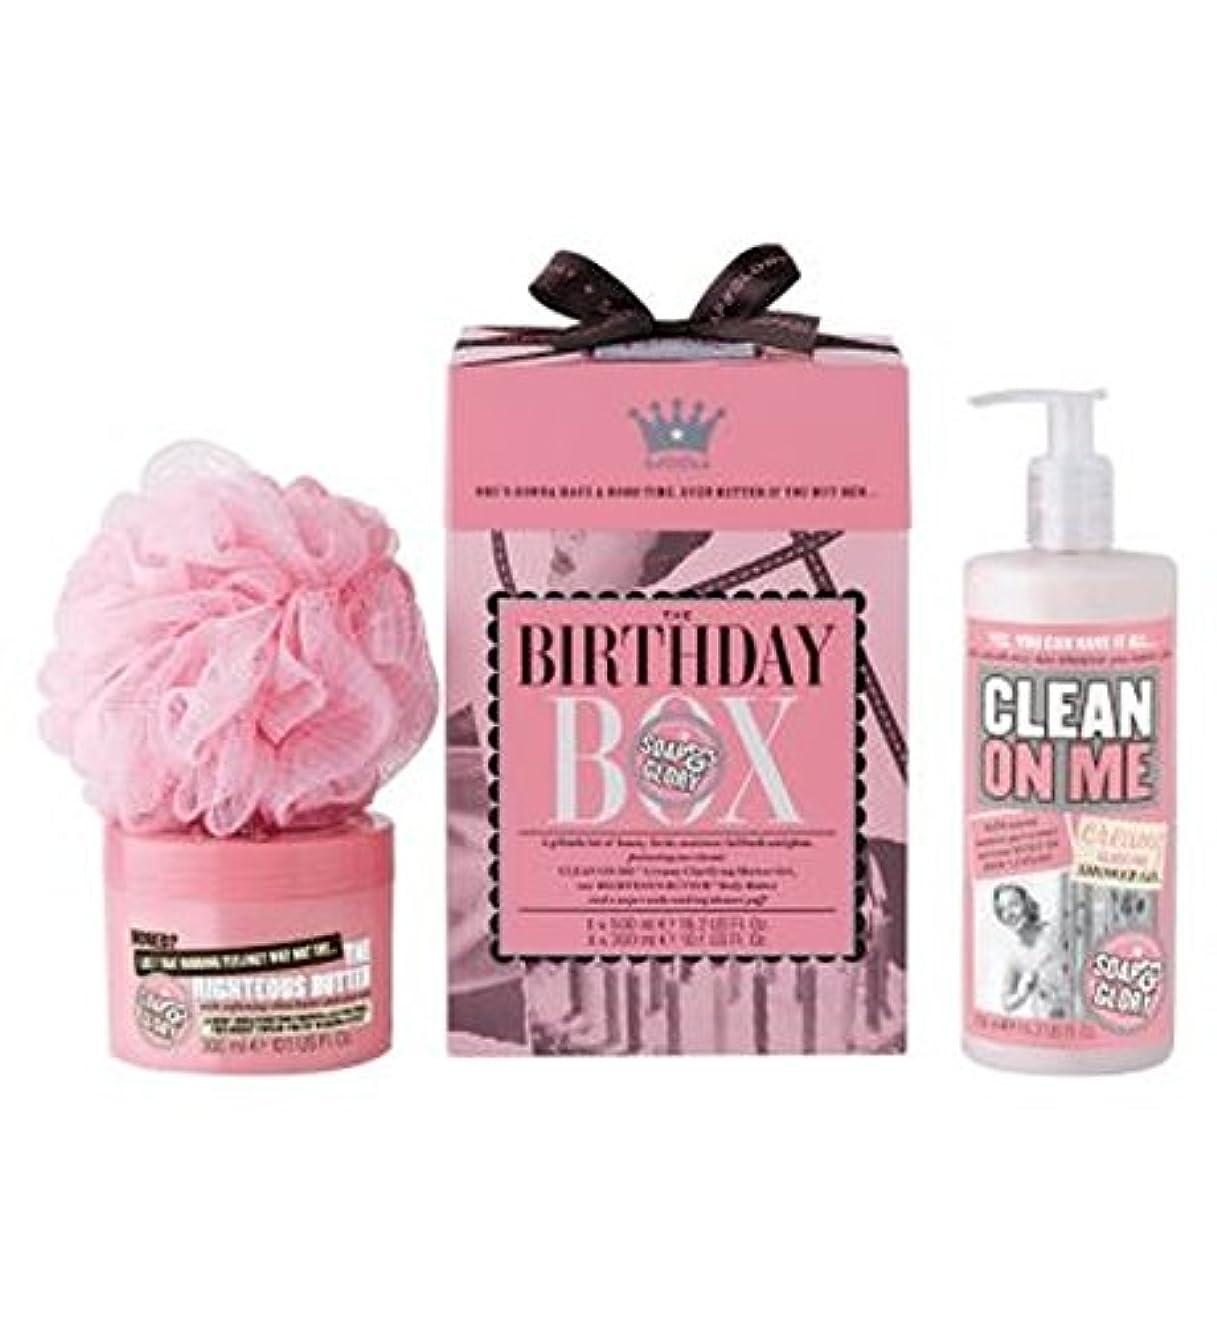 口確認する仕方石鹸&栄光の誕生日箱のギフトセット (Soap & Glory) (x2) - Soap & Glory The Birthday Box Gift Set (Pack of 2) [並行輸入品]